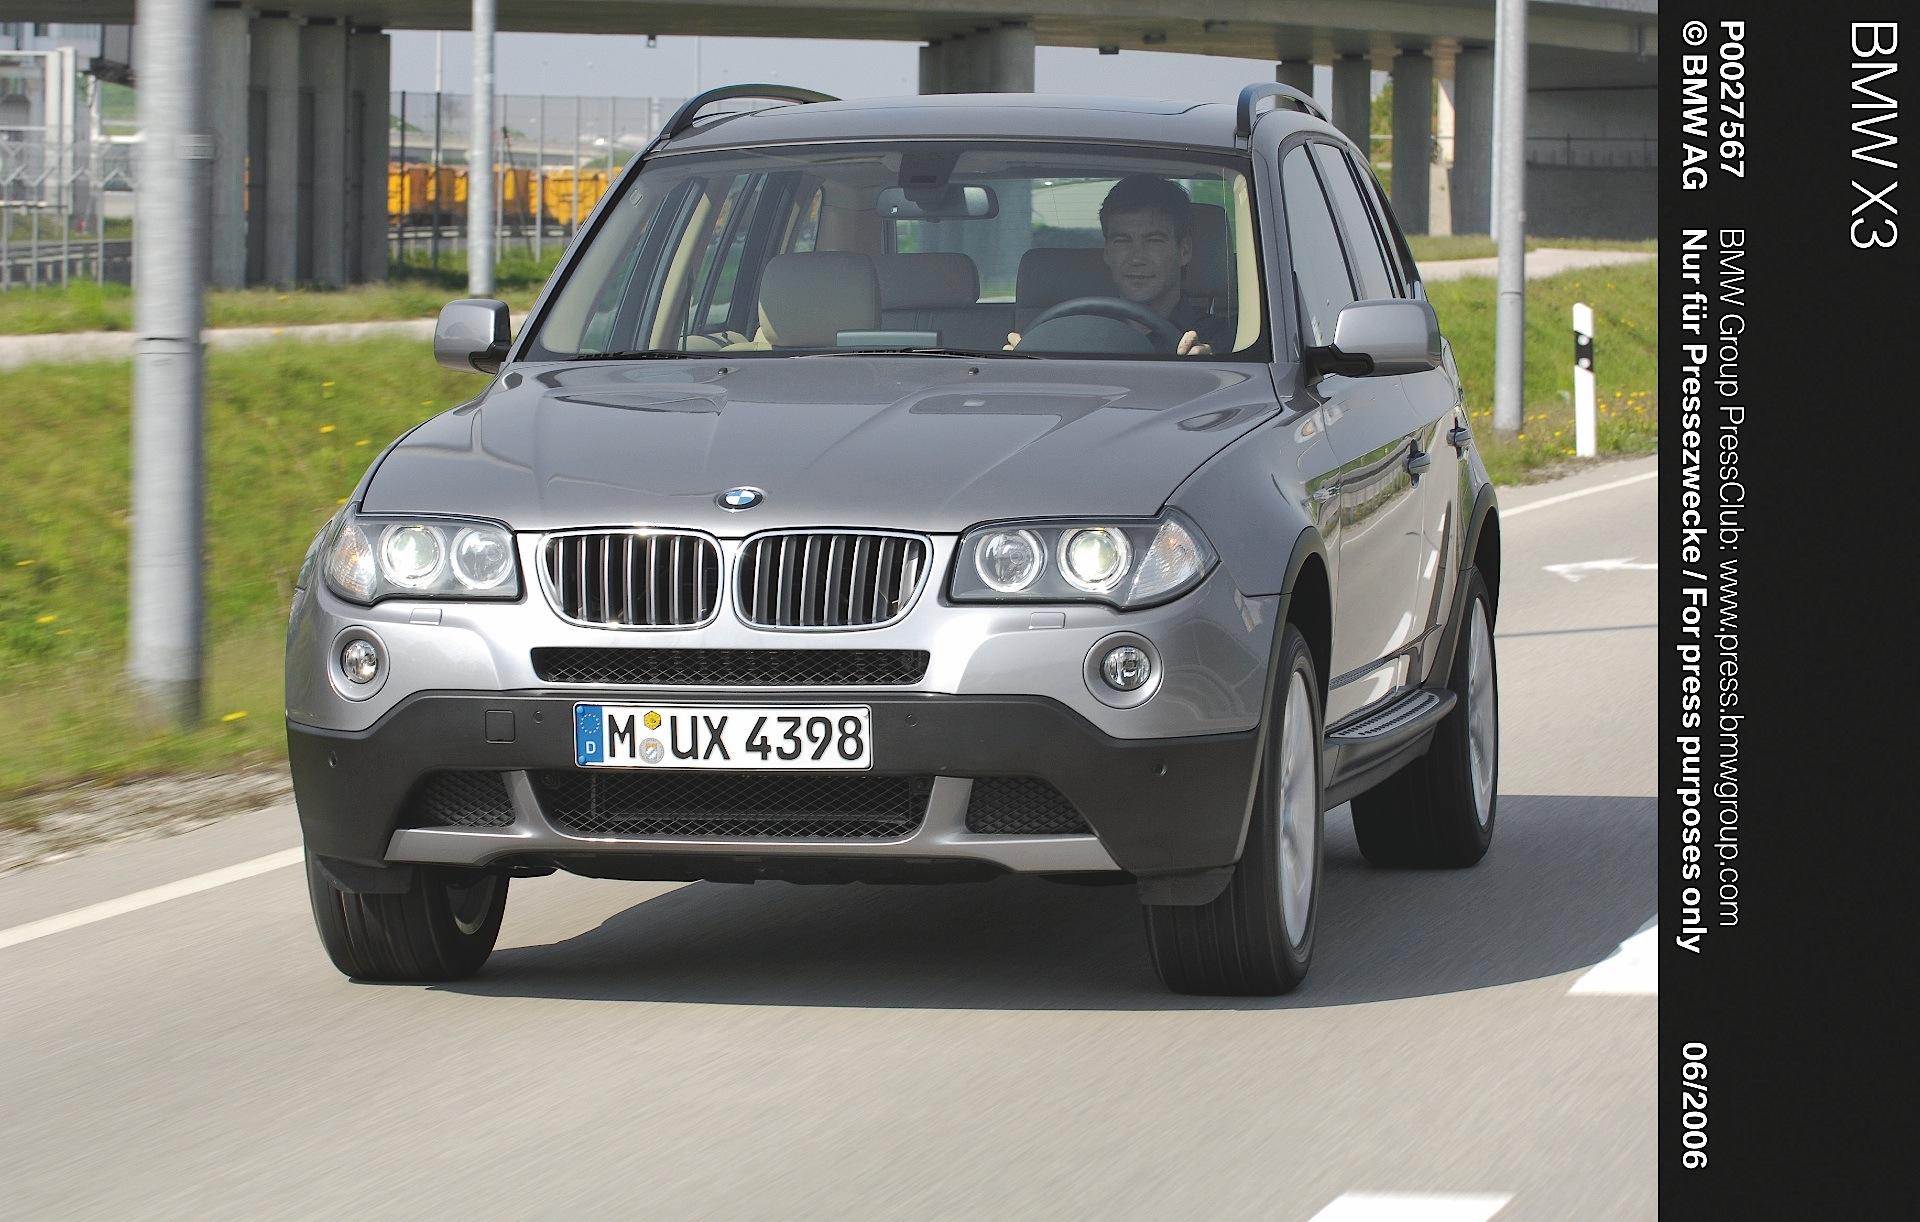 83 Auto Sales >> BMW X3 (E83) - 2007, 2008, 2009, 2010 - autoevolution